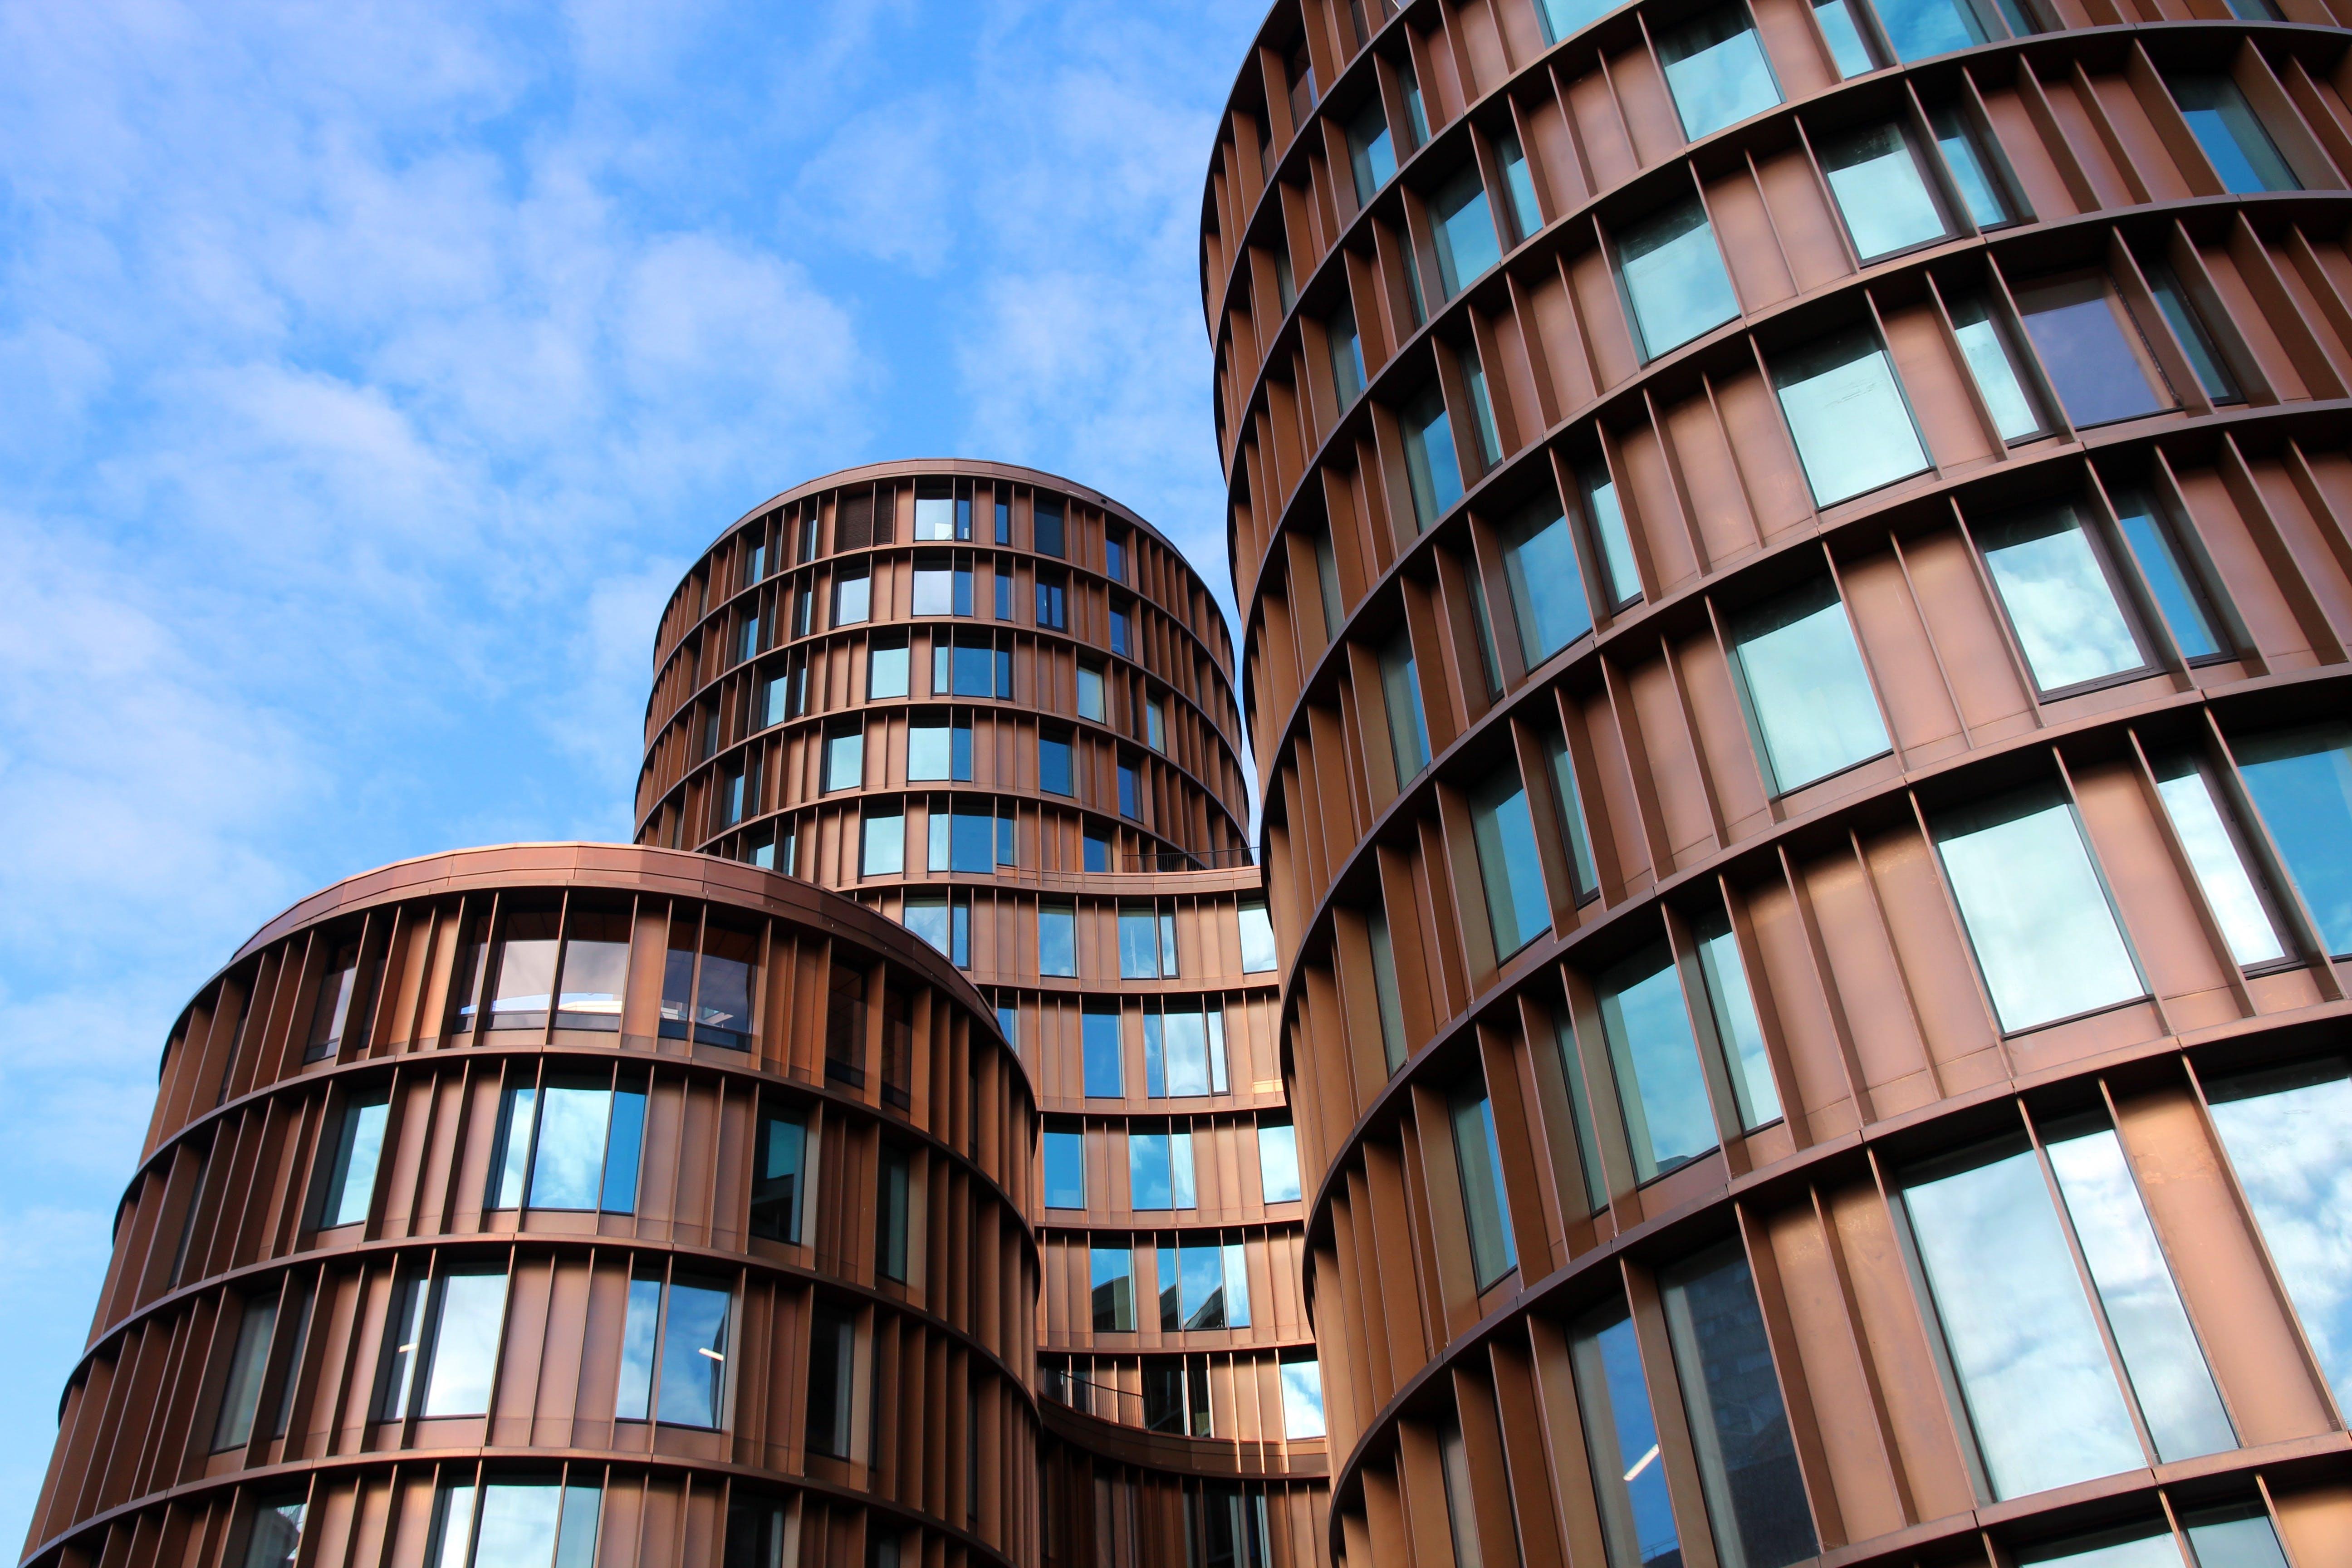 คลังภาพถ่ายฟรี ของ การสะท้อน, การออกแบบสถาปัตยกรรม, ตึก, ตึกระฟ้า